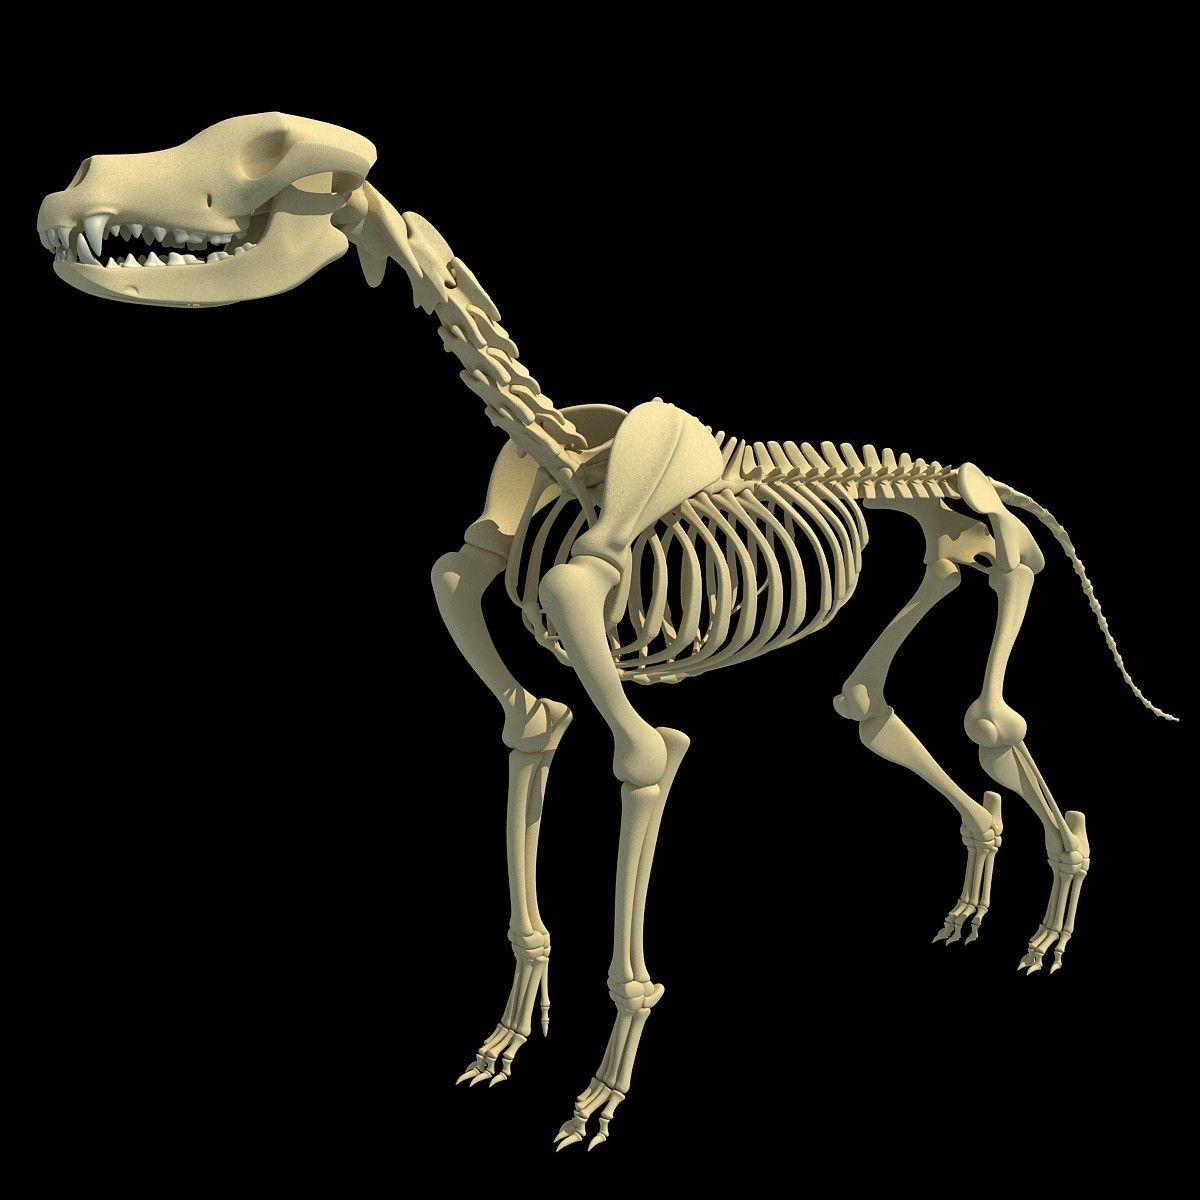 Dog Skeleton Dog Skeleton Skeleton Model And Skeletons